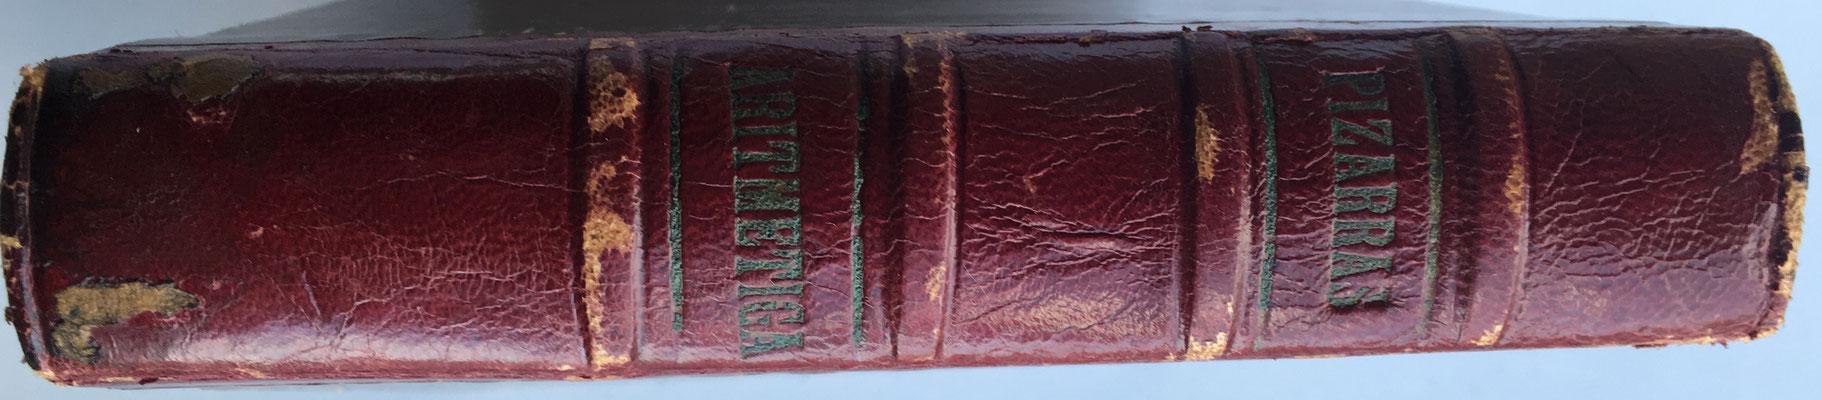 El libro se titula PIZARRAS y contiene dos tomos diferentes: uno de 1914 (213 páginas) y otro de 1918 (285 páginas)